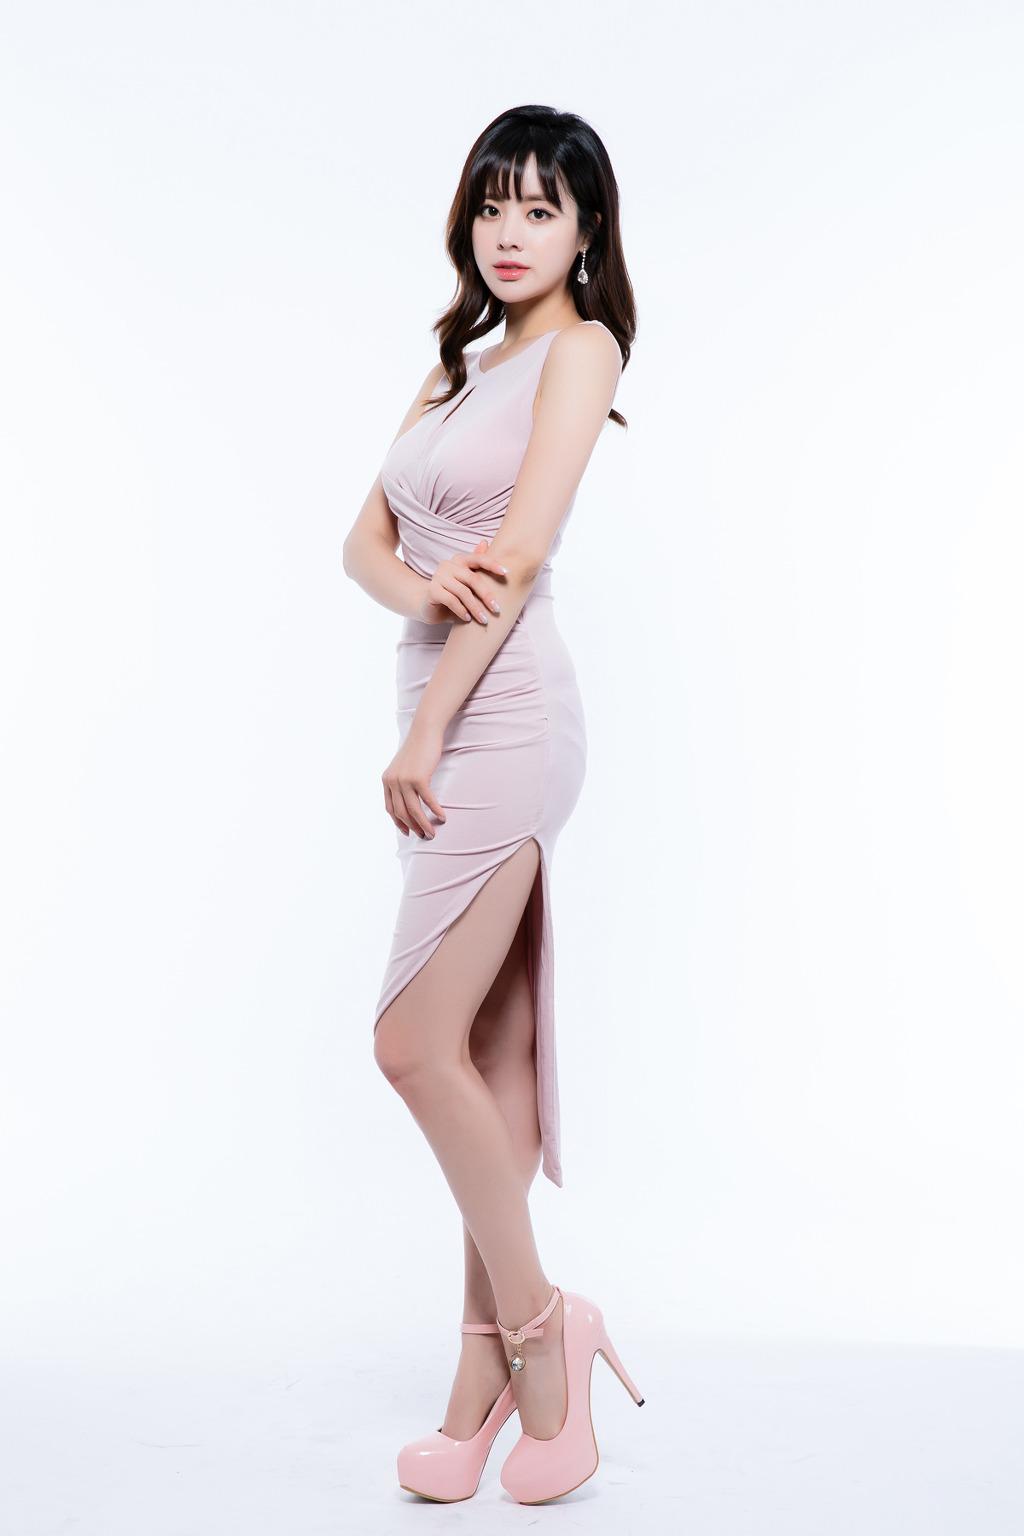 대천사 온라인 홍보 모델 김은미 (7).jpg